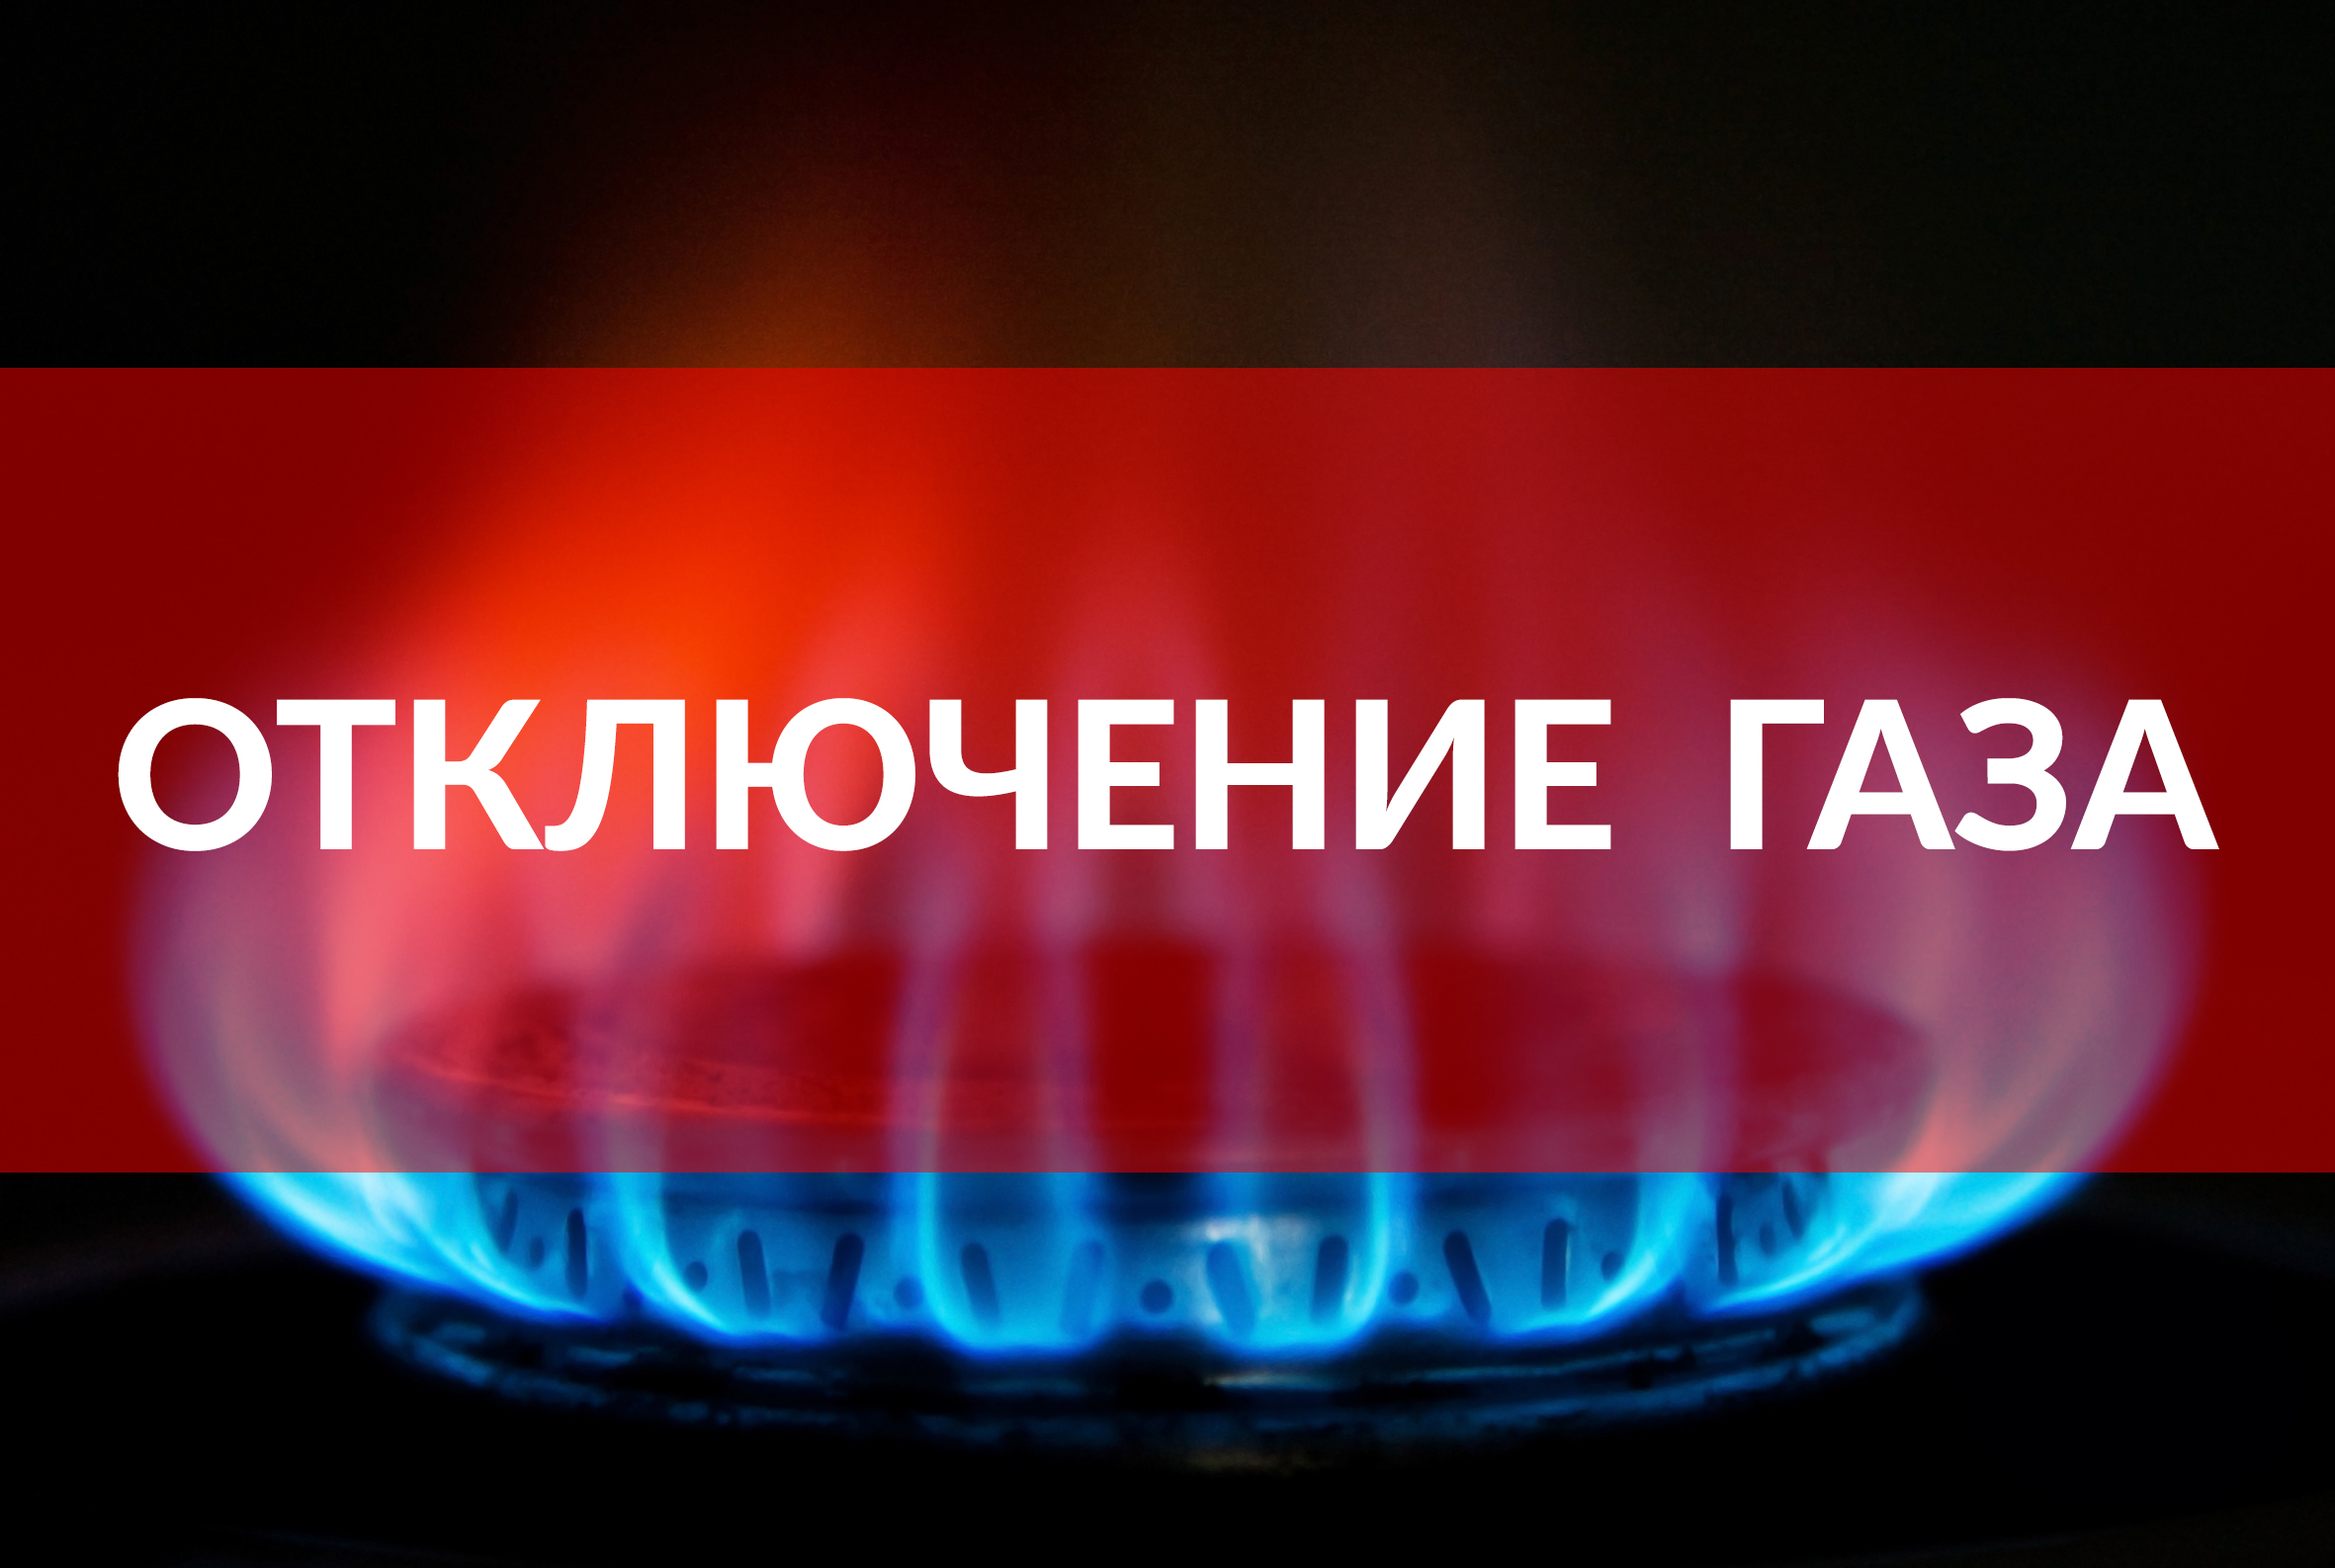 Жителей ряда районов столицы ждет отключение газоснабжения